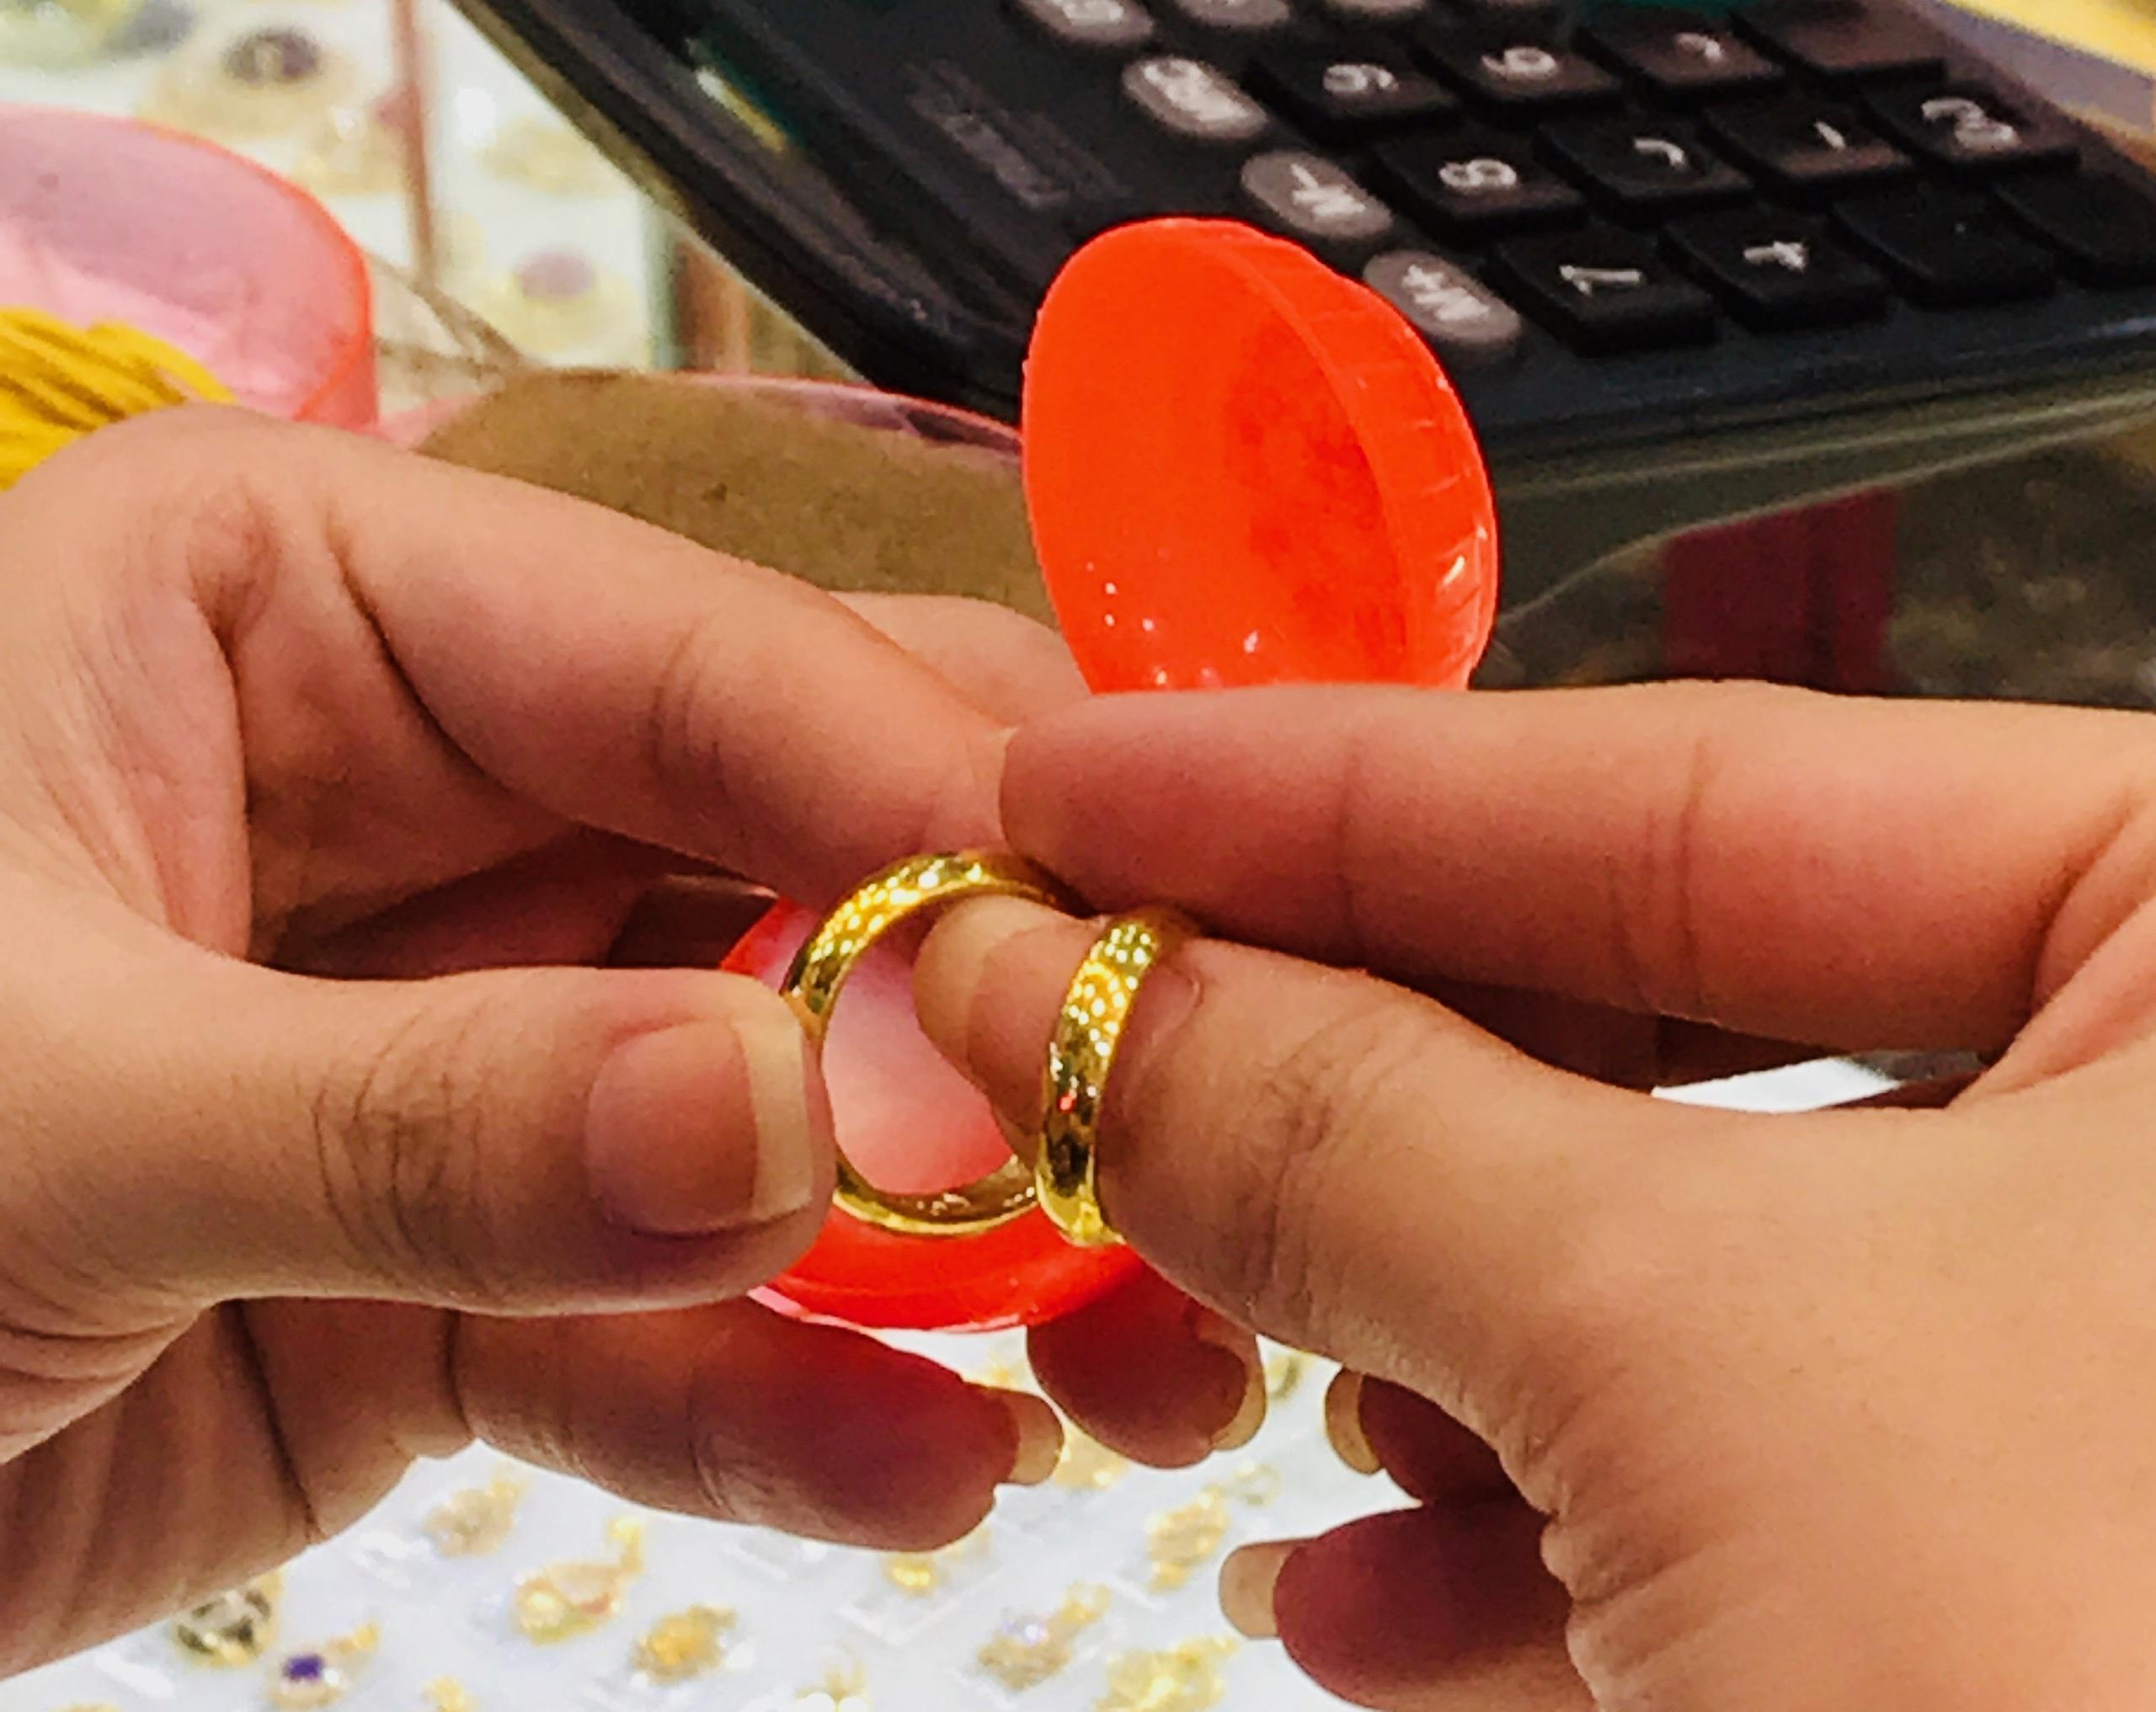 Giá vàng SJC rớt mạnh sau kì nghỉ Lễ, người mua lỗ gần 2 triệu đồng/lượng sau 2 ngày - Ảnh 4.